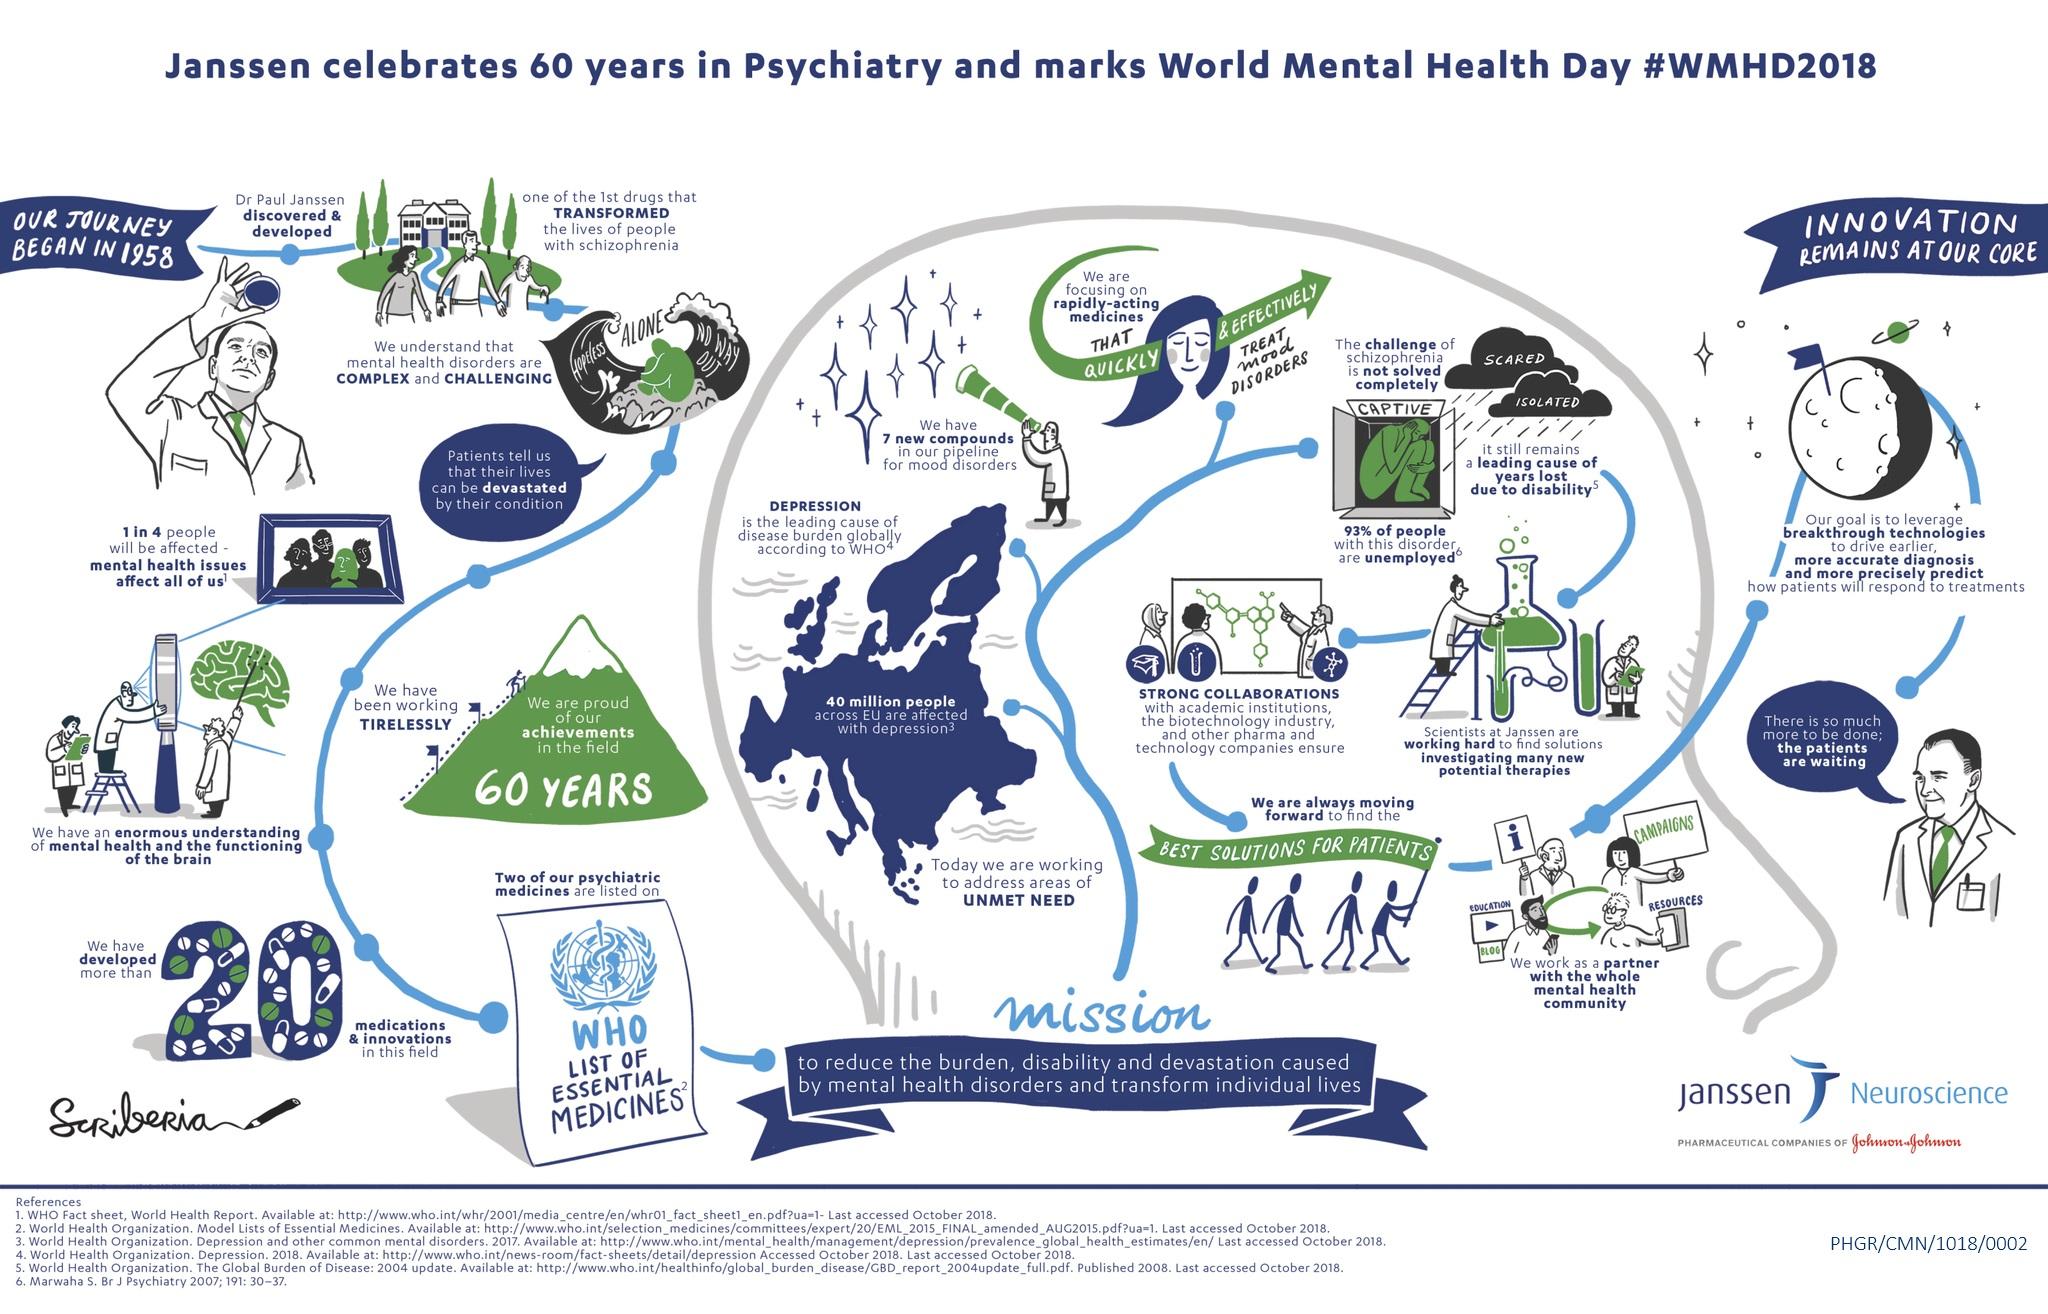 Παγκόσμια Ημέρα Ψυχικής Υγείας Janssen Greece